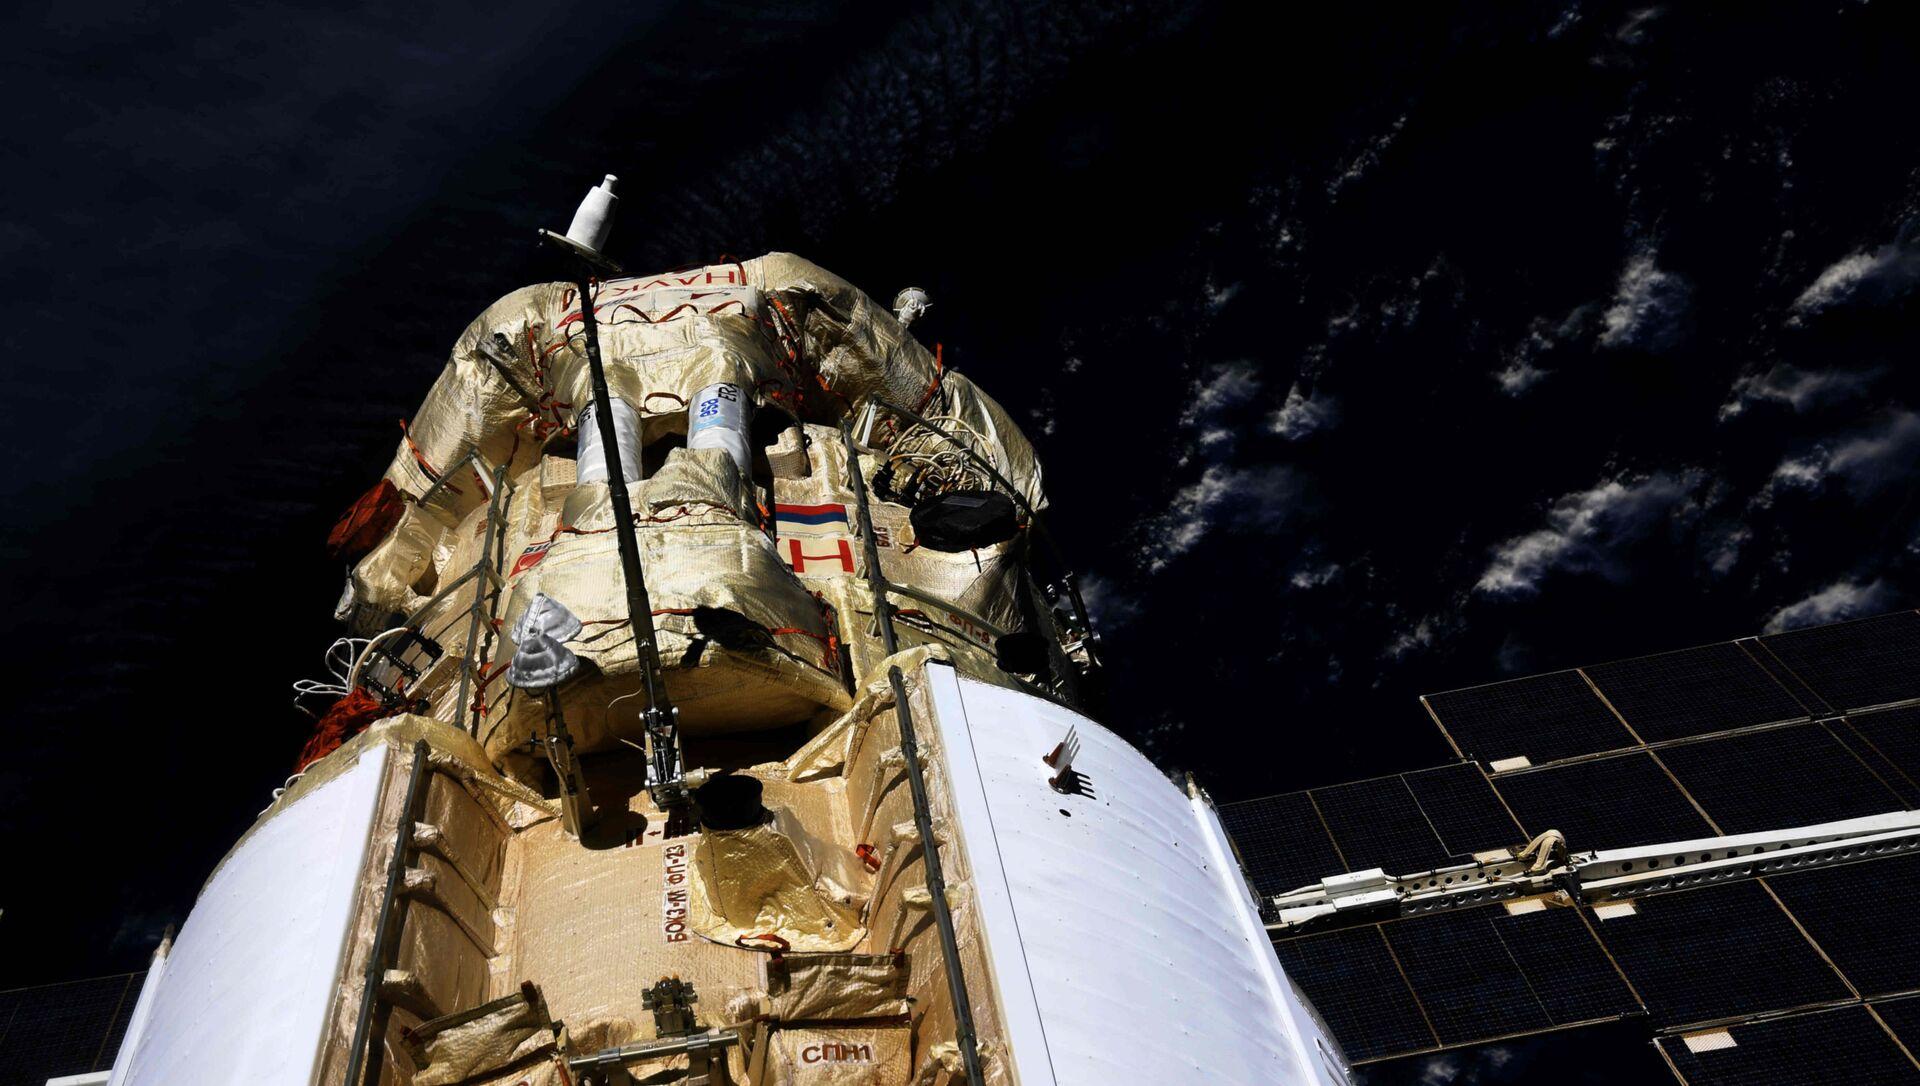 En mode automatique, le module scientifique Nauka s'est arrimé avec succès à l'ISS, le 29 juillet 2021 - Sputnik France, 1920, 01.08.2021